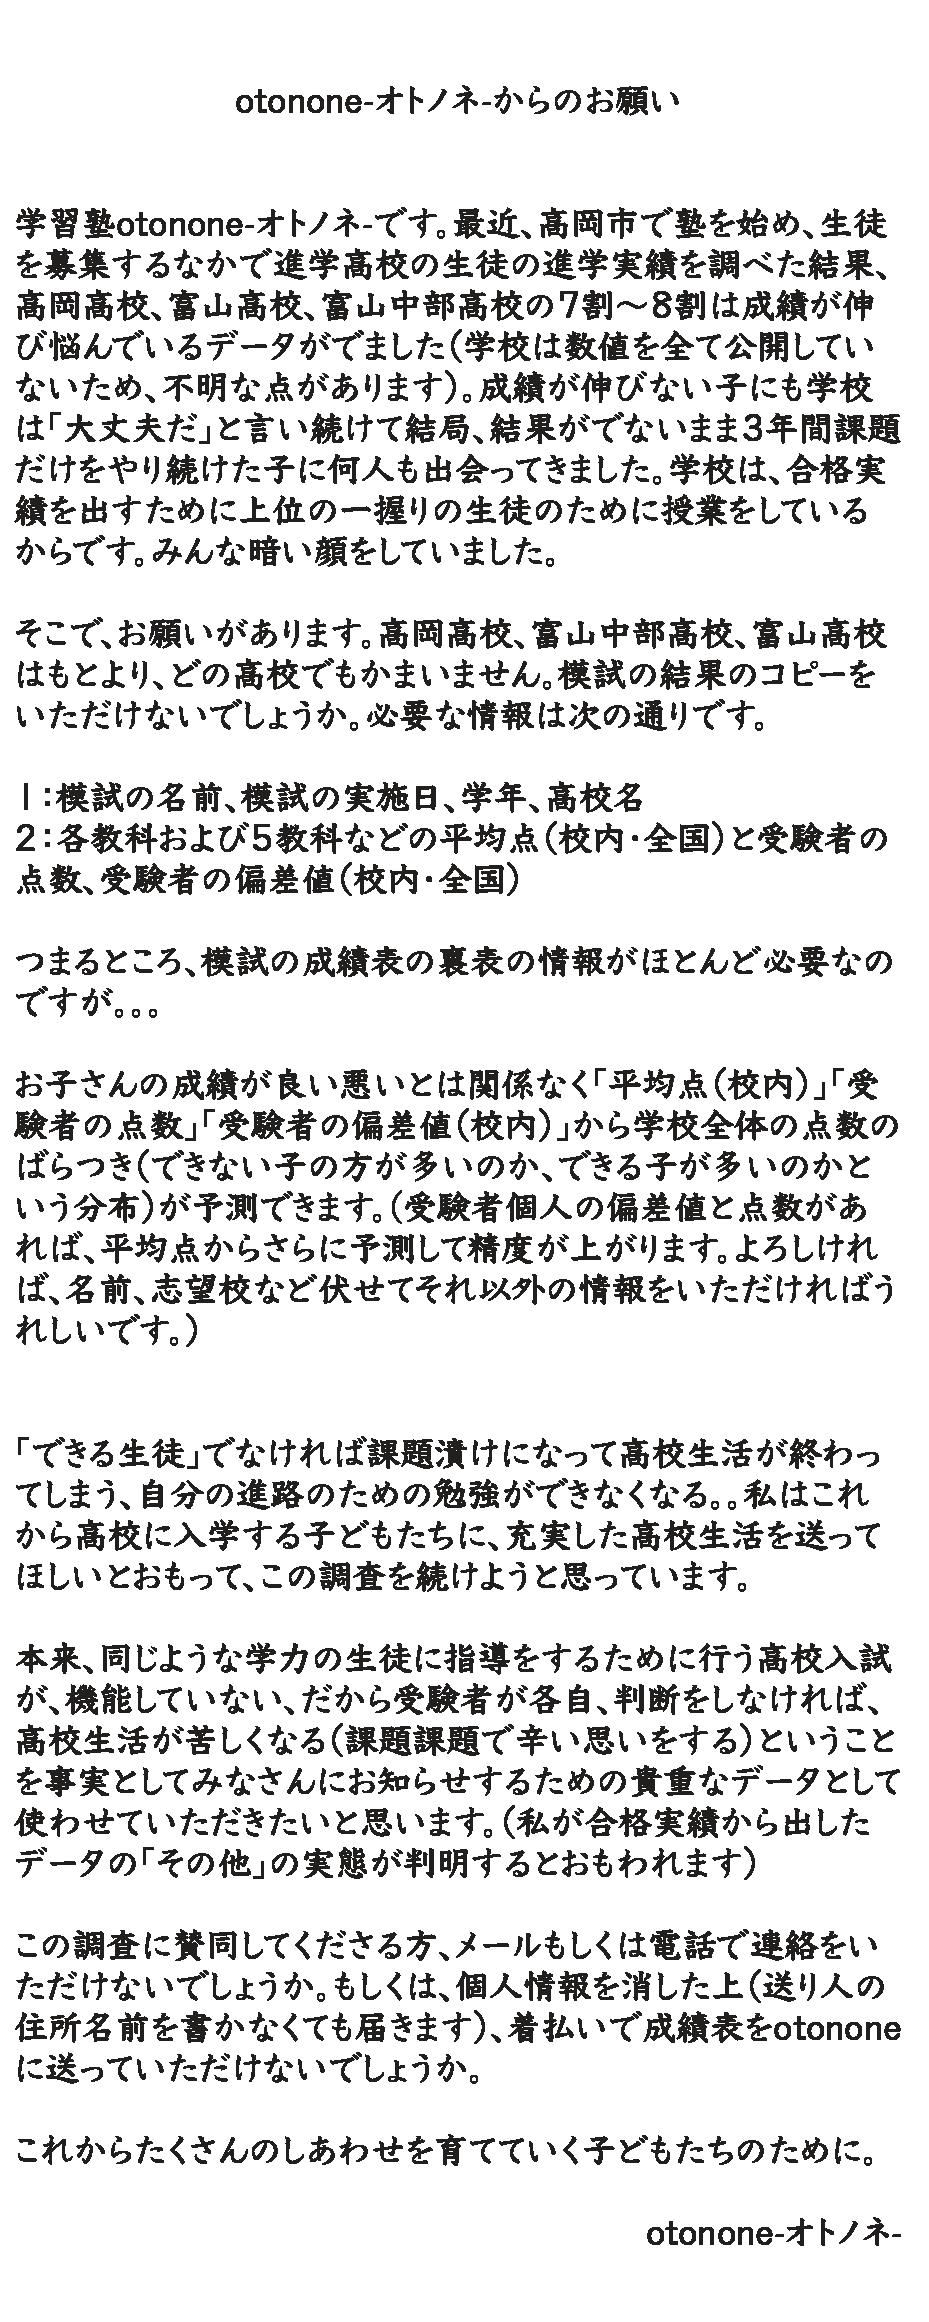 県立 偏差 値 高校 富山